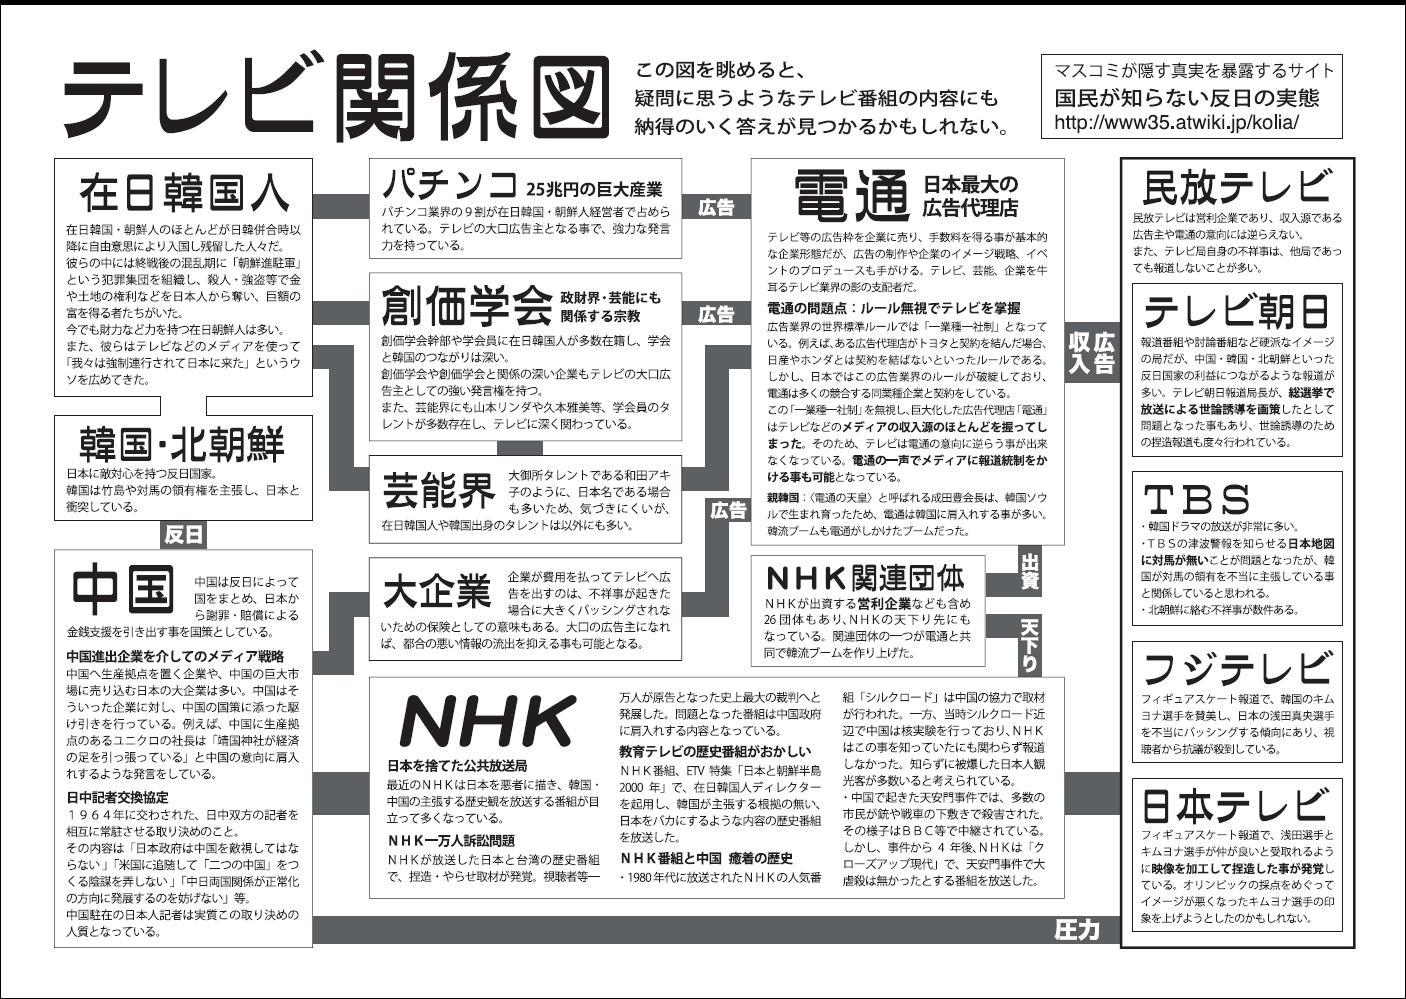 最近のネット・パロディーのいくつか:ジョークの分かる日本人、すばらしいですナア!?_e0171614_1431487.jpg